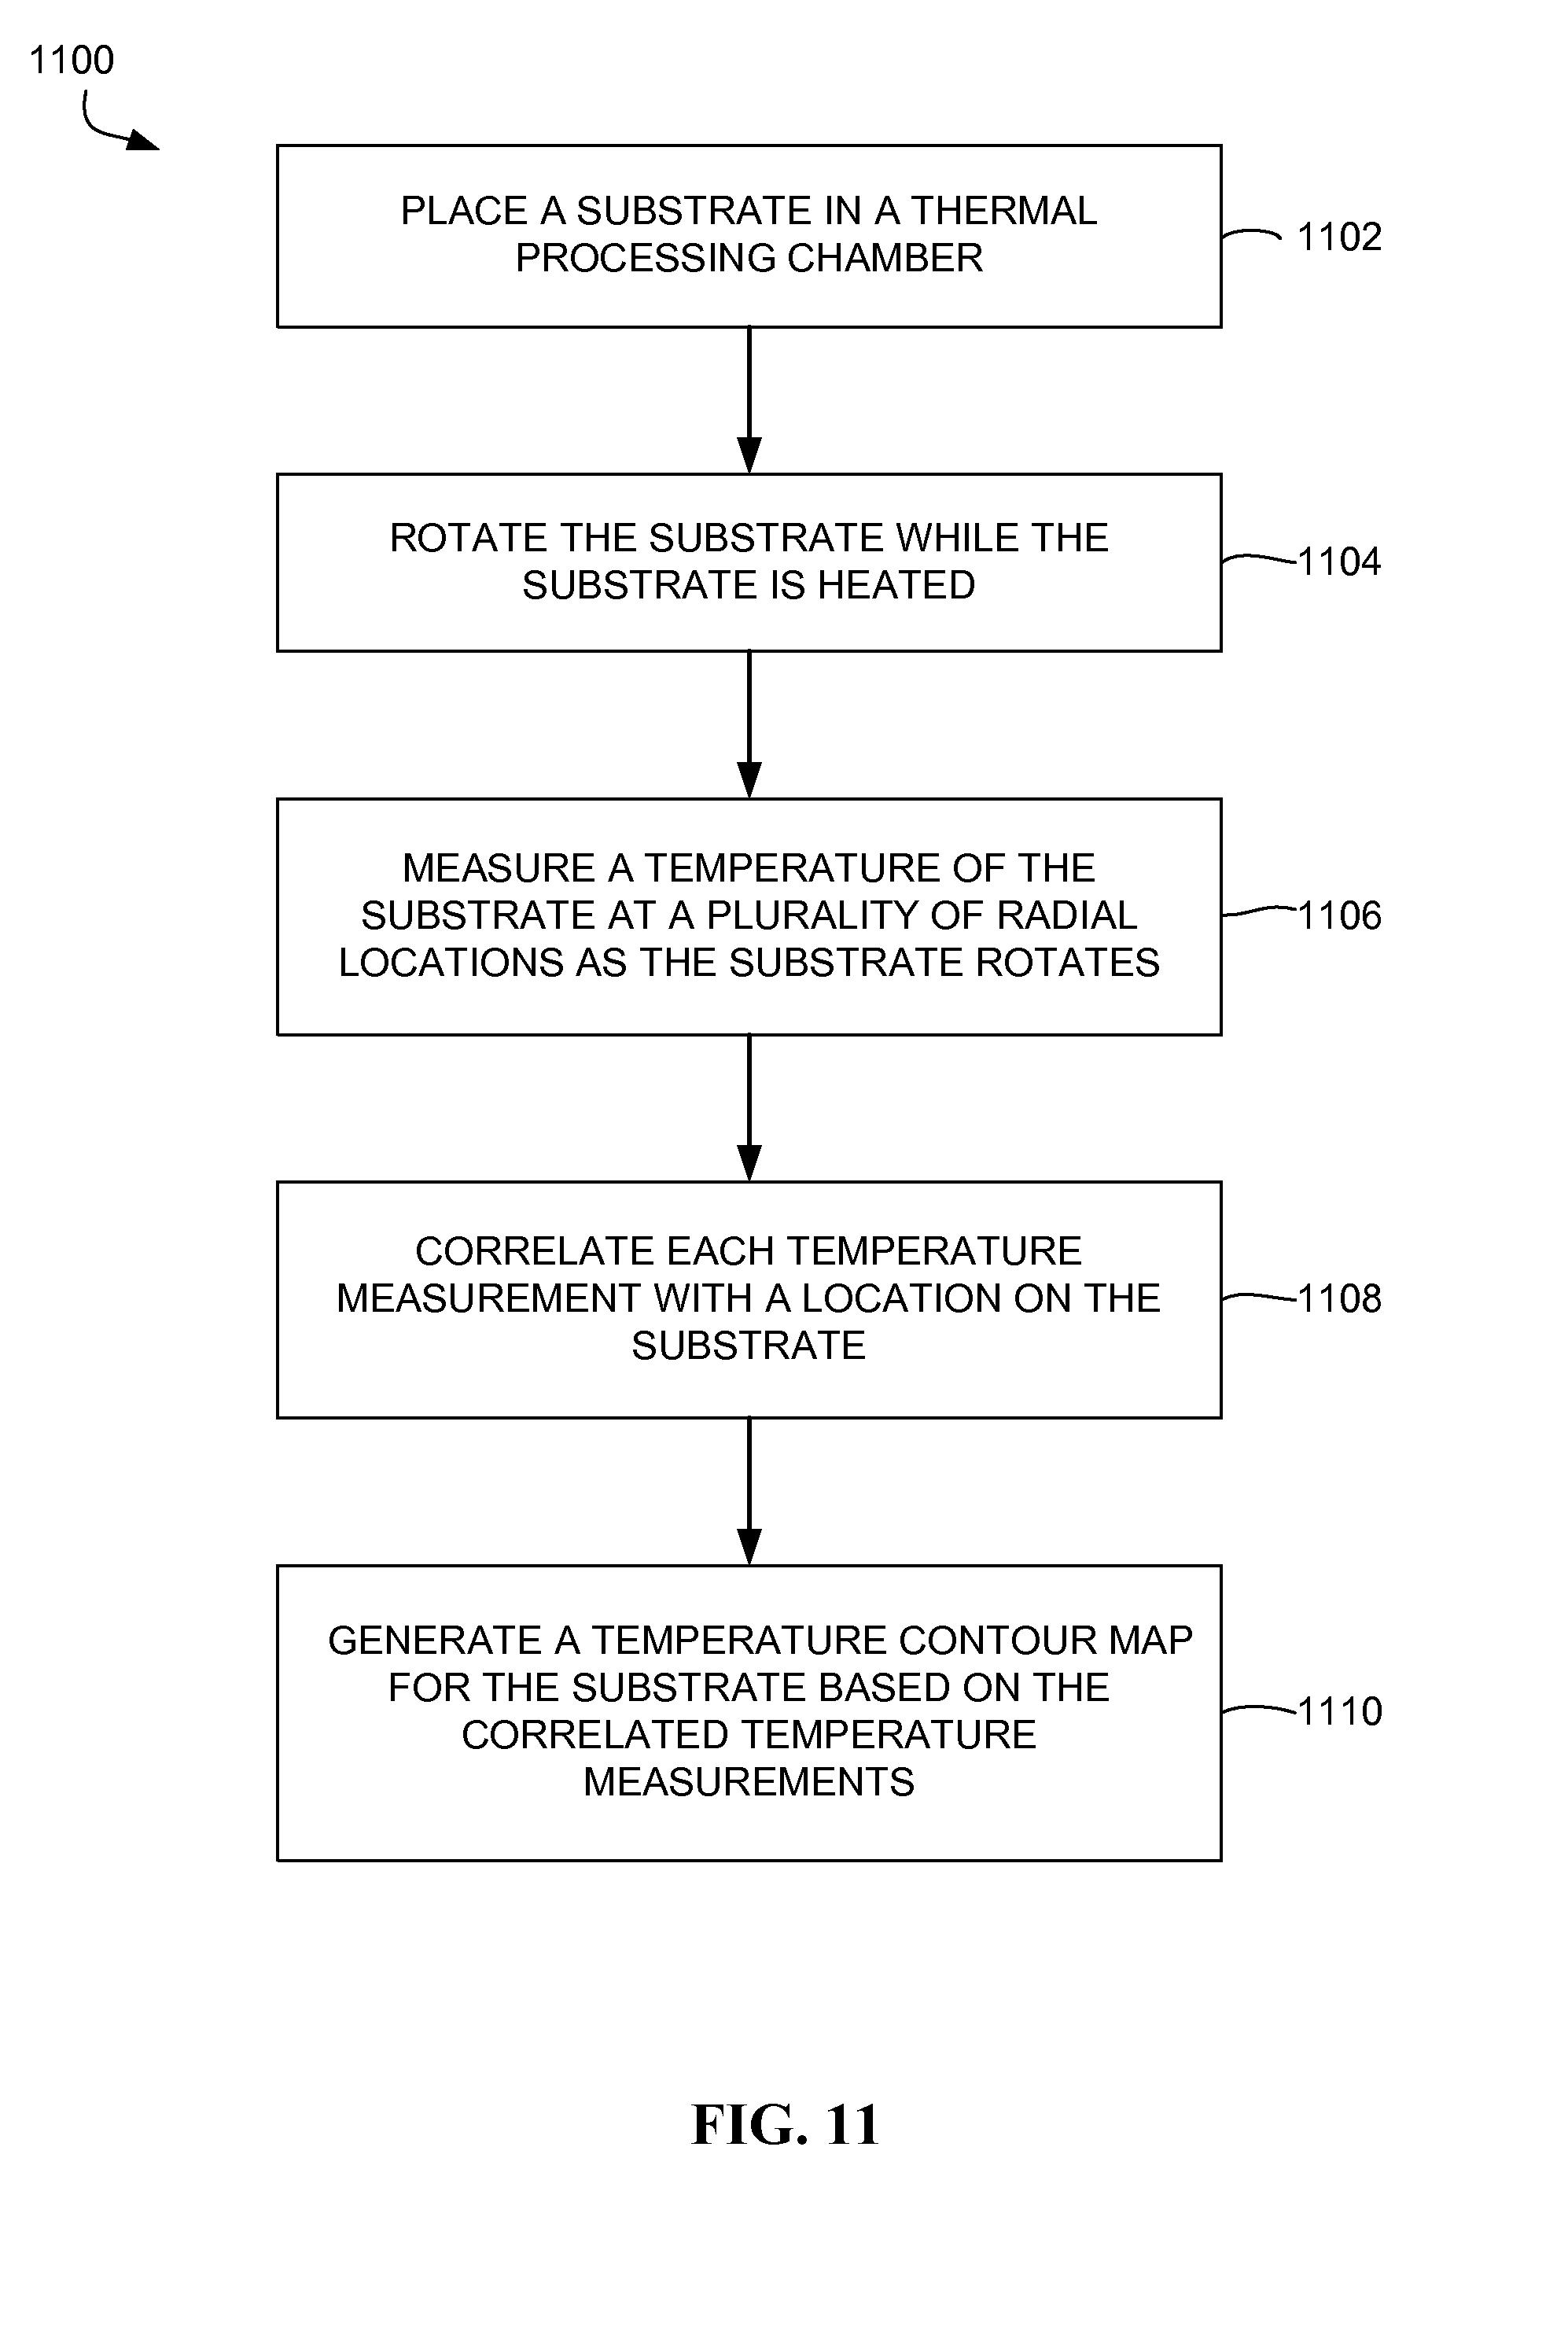 Patent US Temperature Uniformity Measurements During - Us temperature contour map